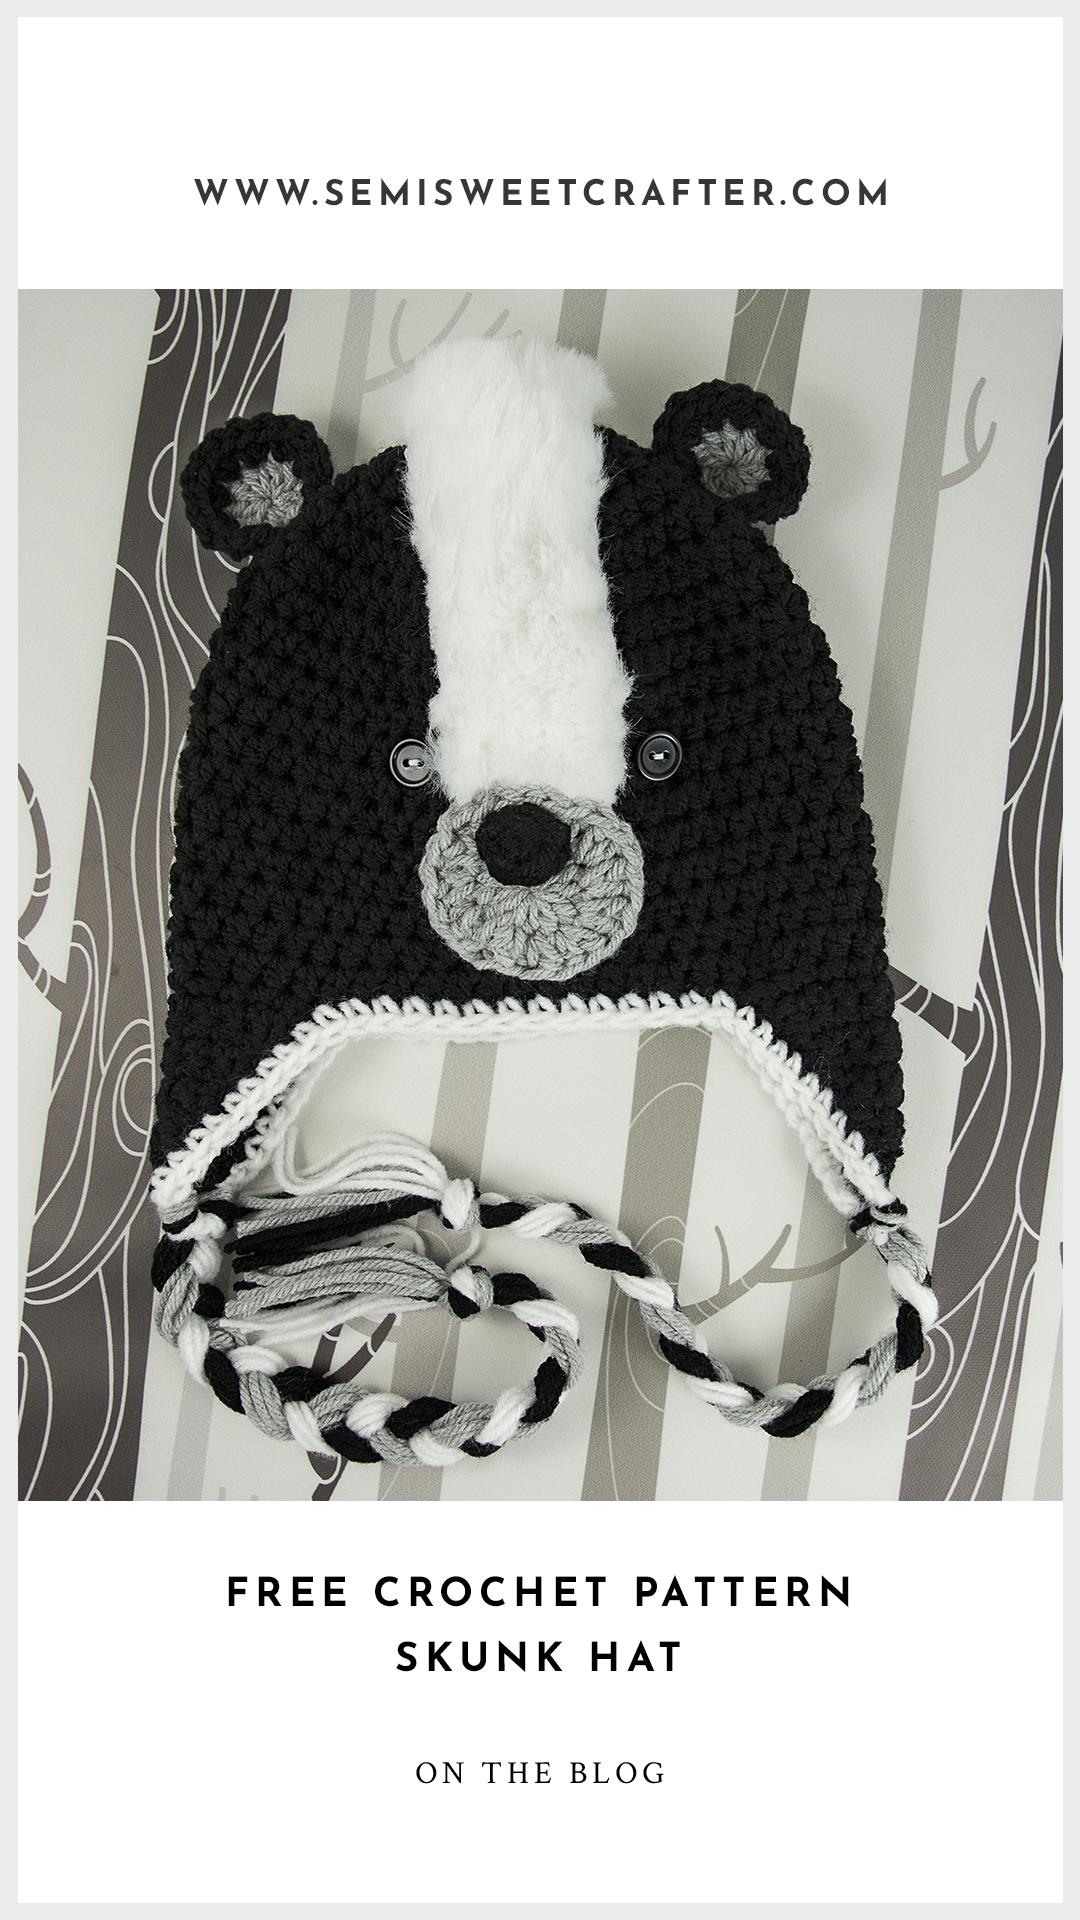 Free Crochet Skunk Hat Pattern